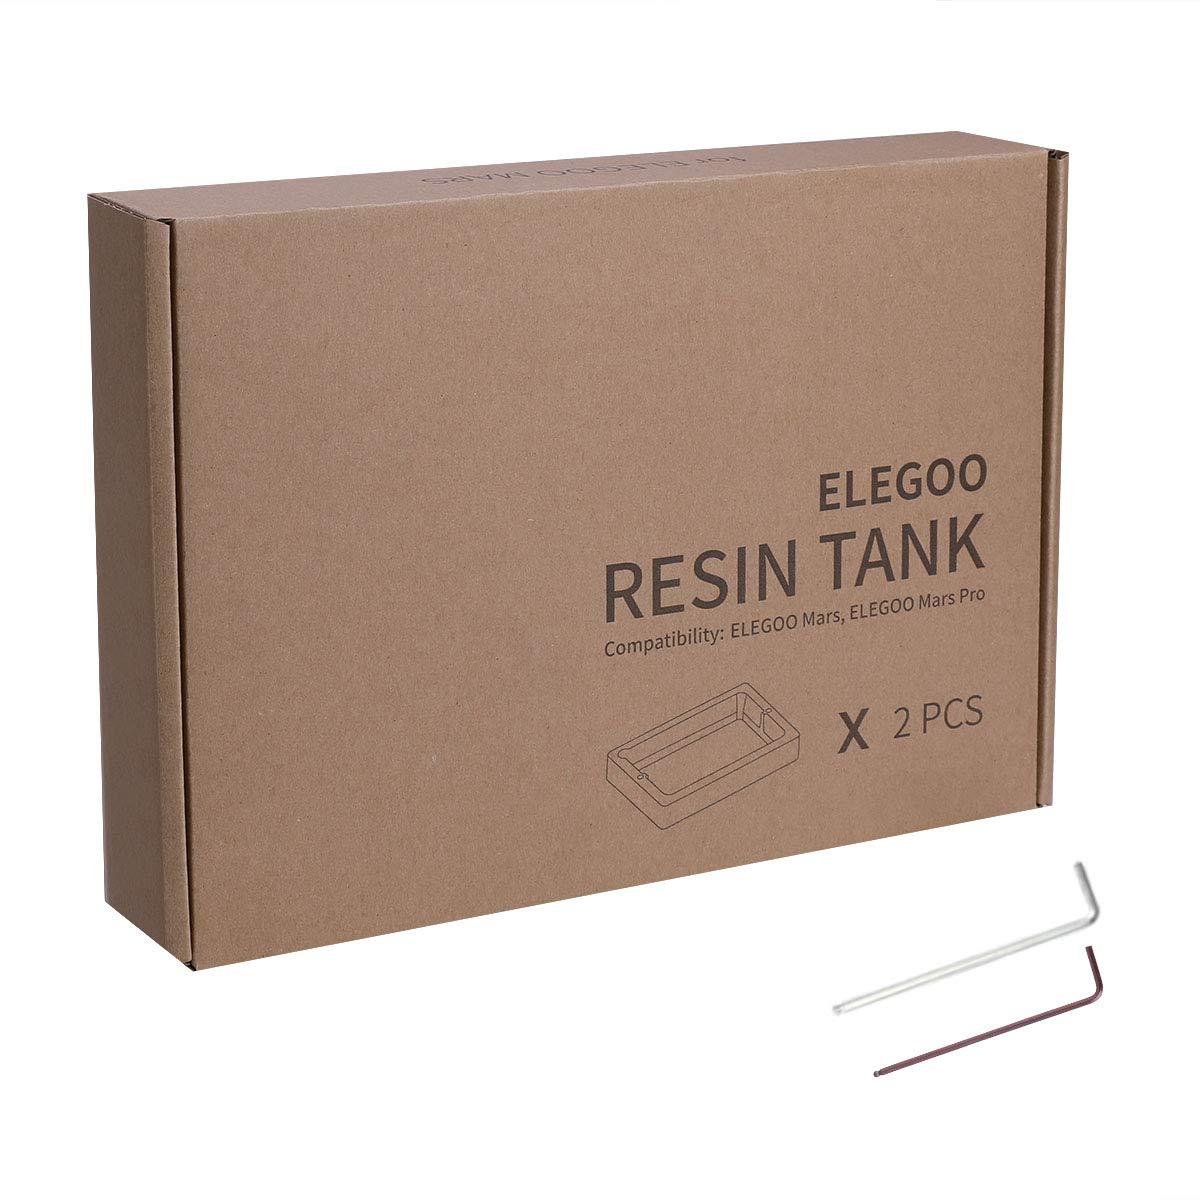 ELEGOO 2 PCS Plástico Tanques de Resina para Impresora 3D ELEGOO ...